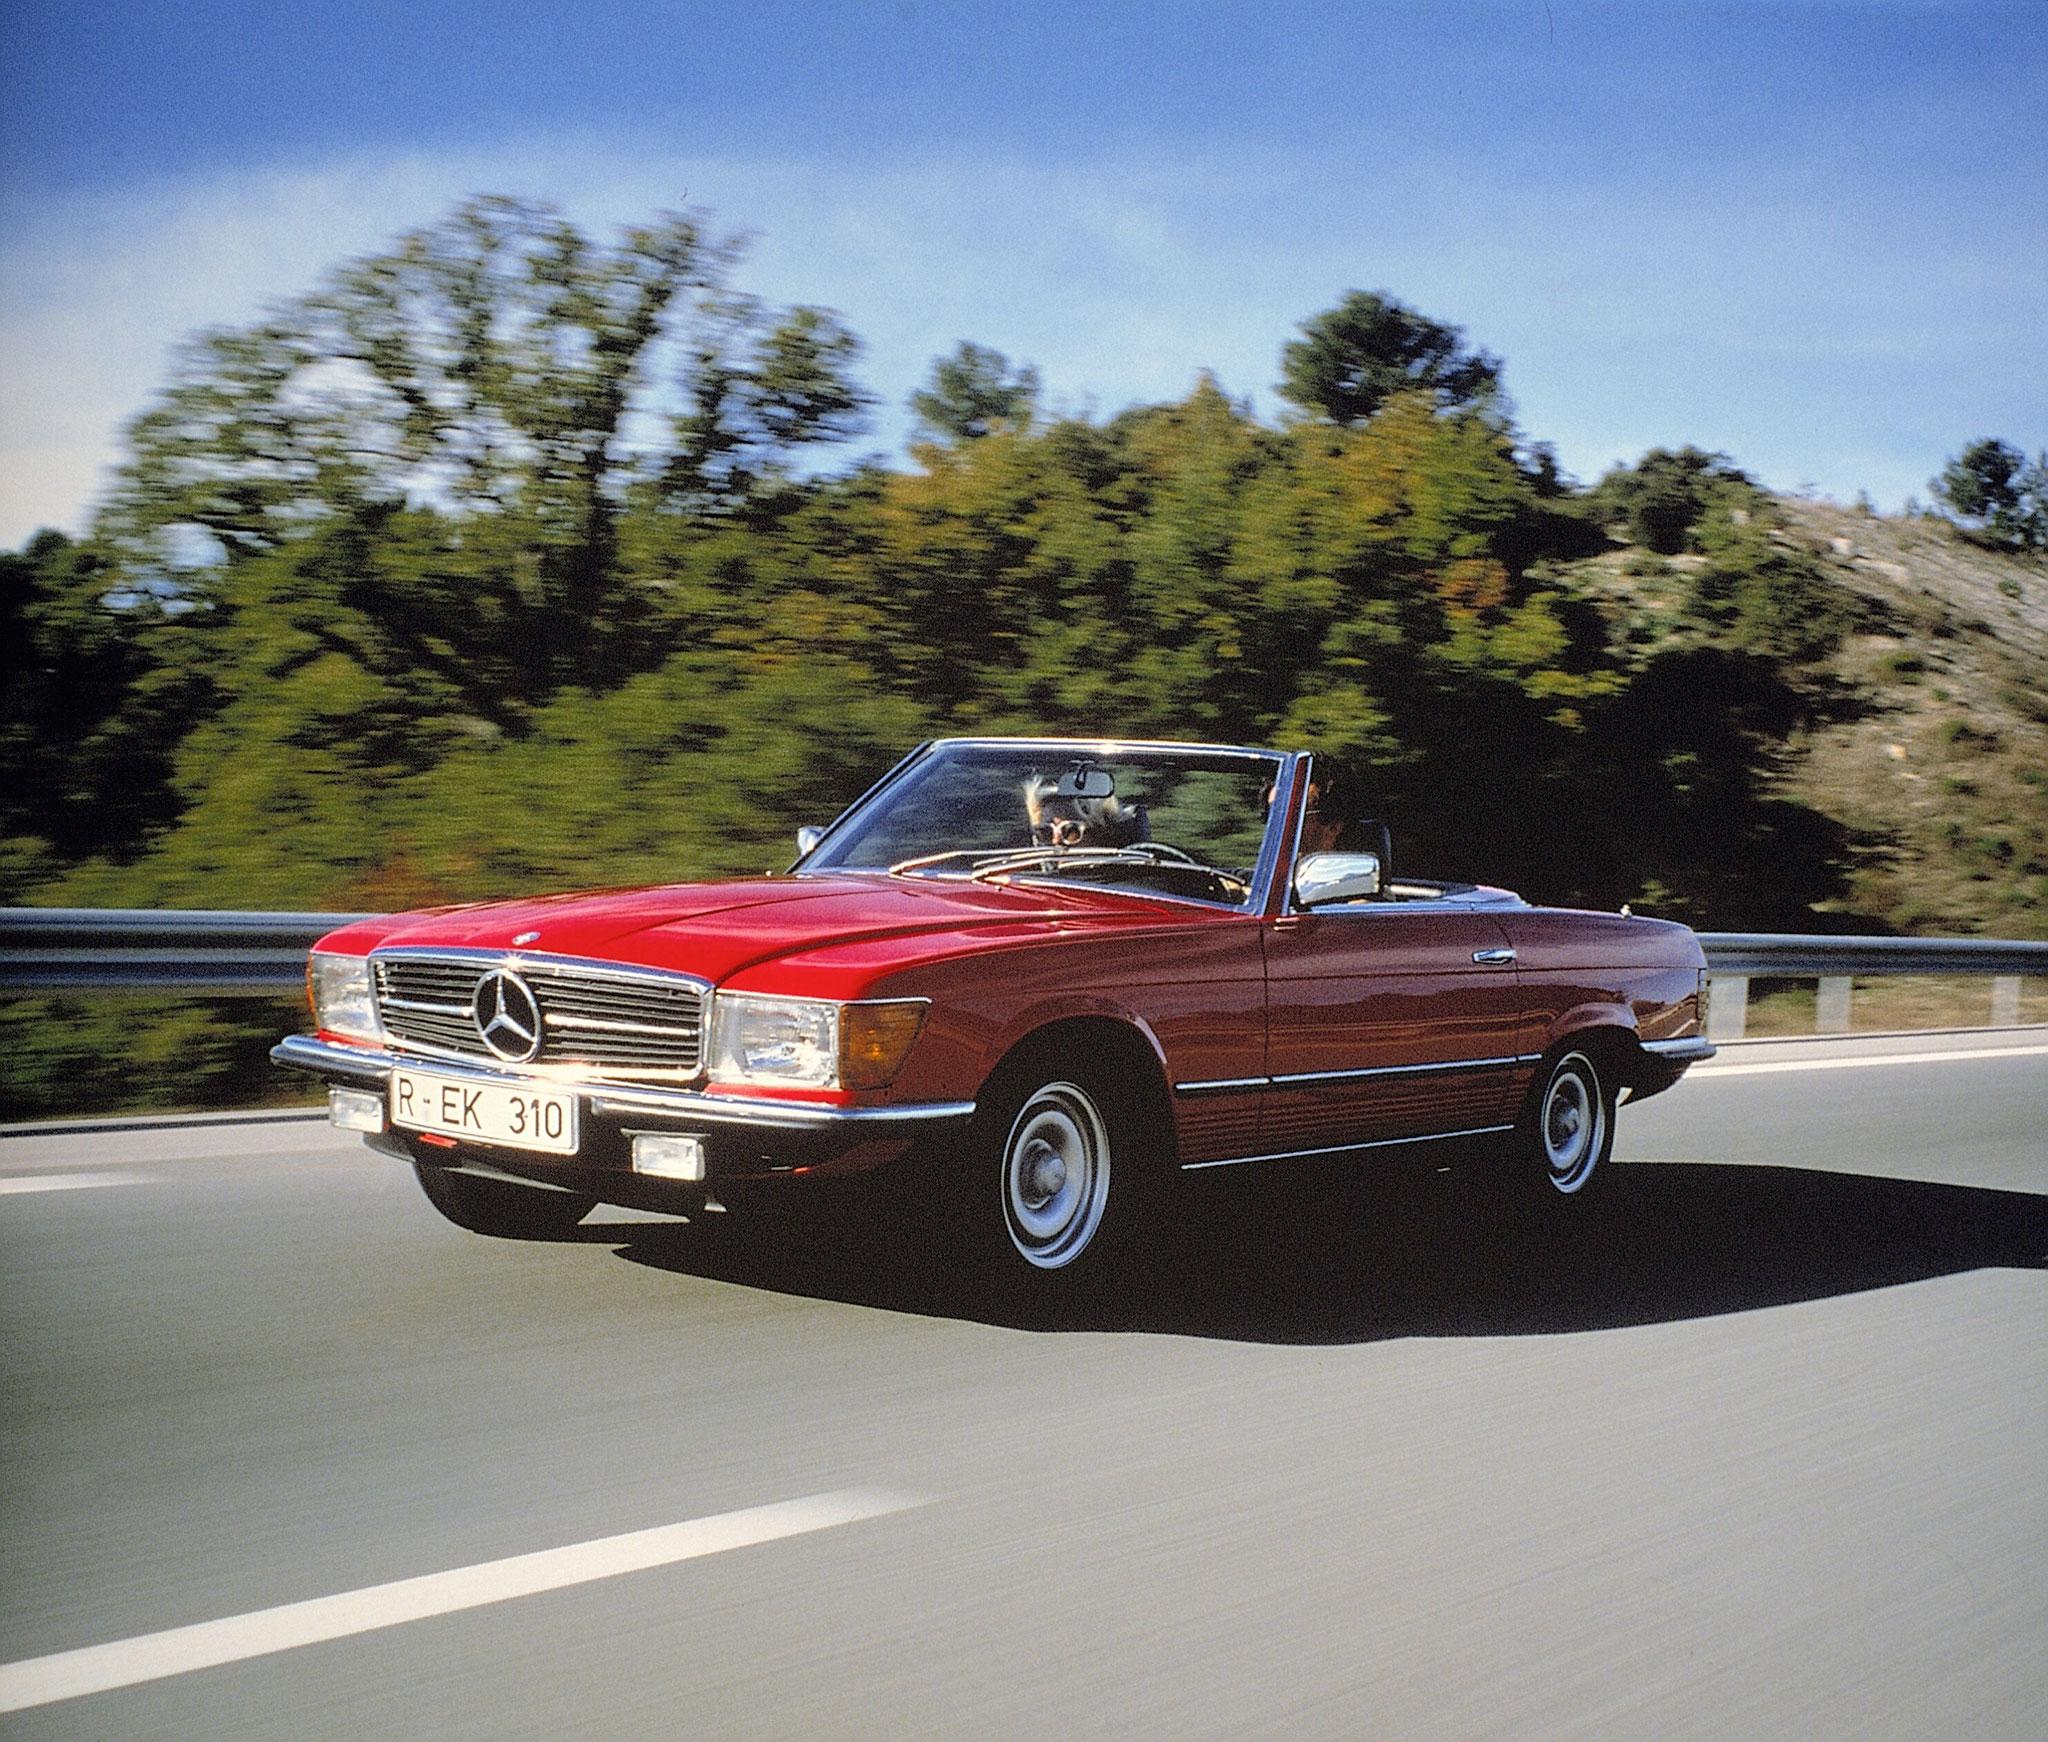 1971-1989 Mercedes-Benz SL R 107 cabriolet elle remplace la série Pagode 1963-1971.